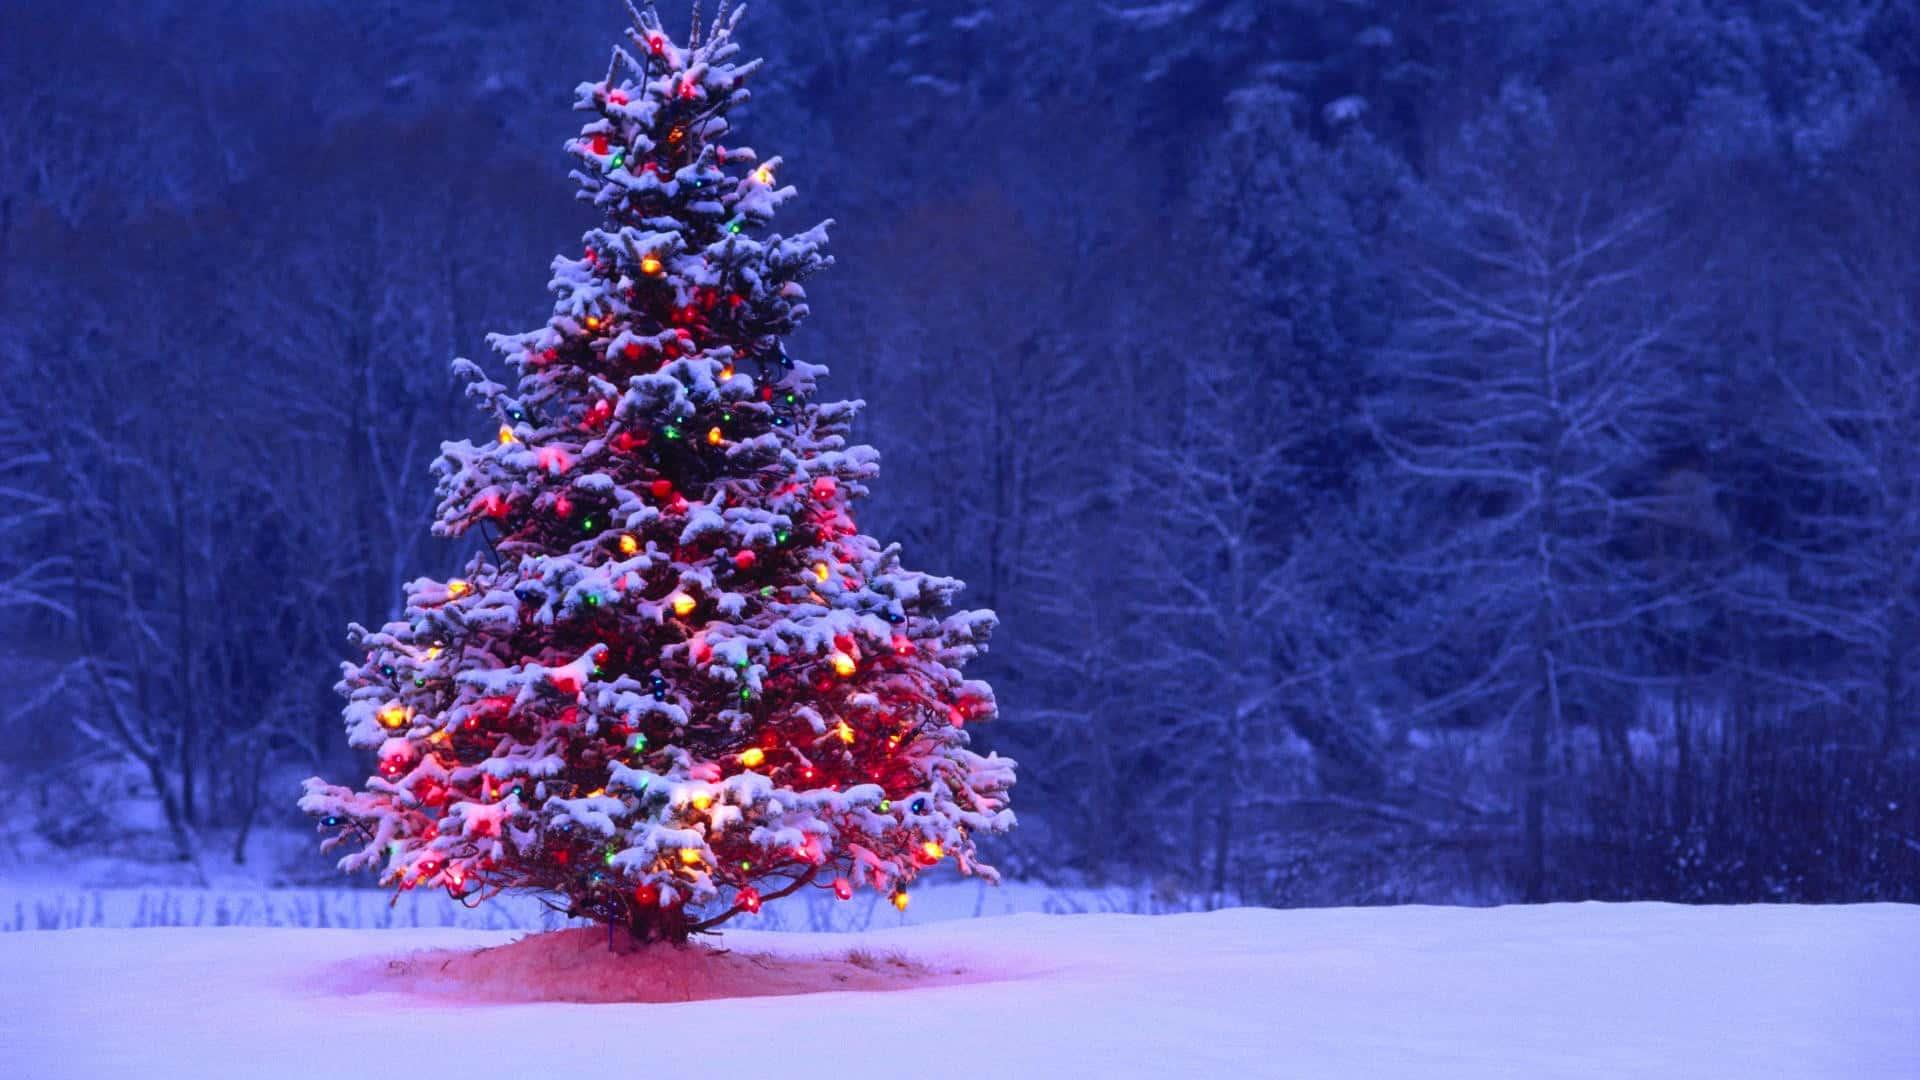 Christmas tree hd wallpapers best desktop images widescreen voltagebd Gallery